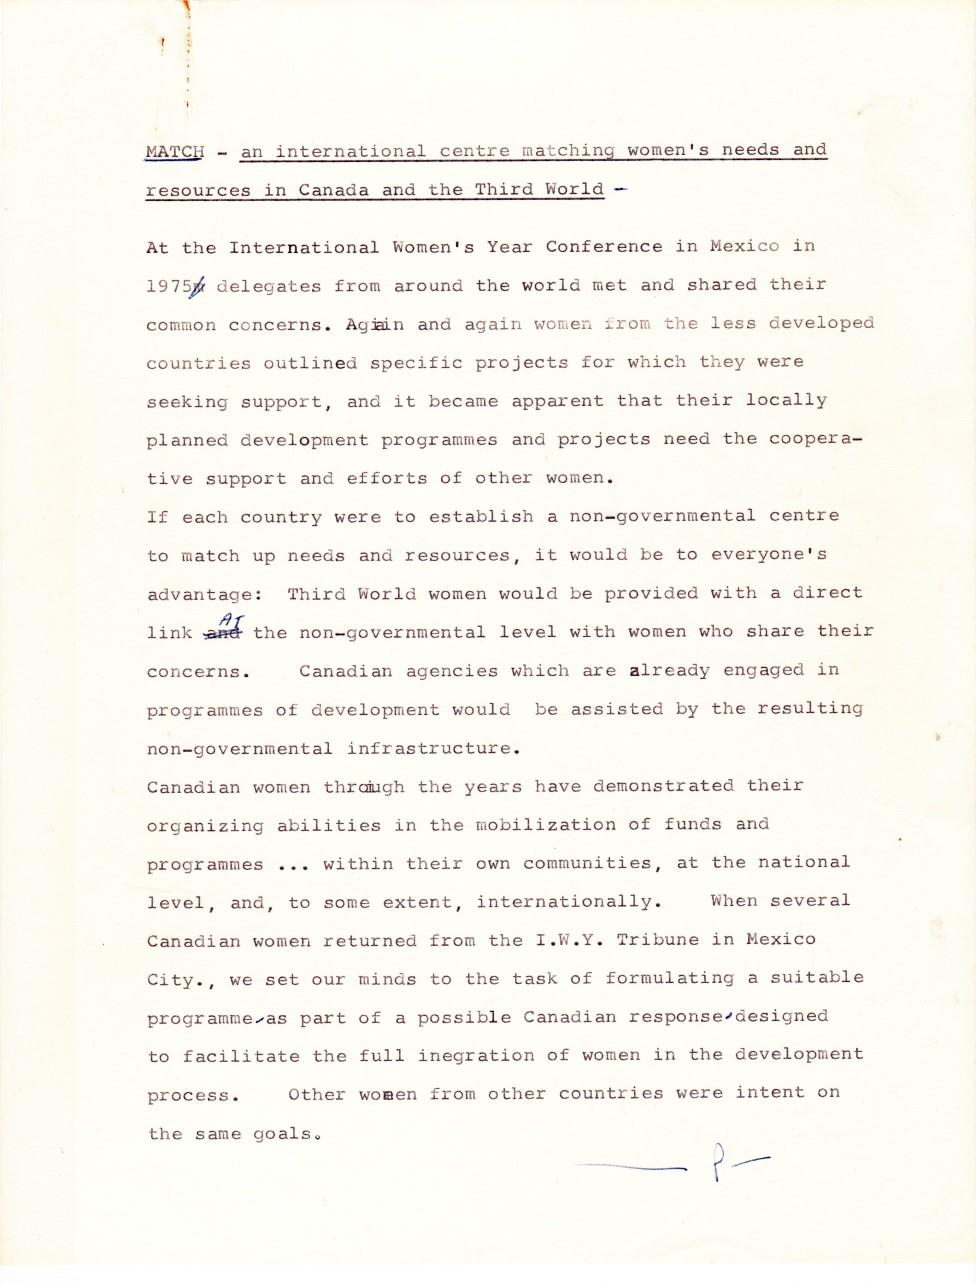 MATCH - Page 1